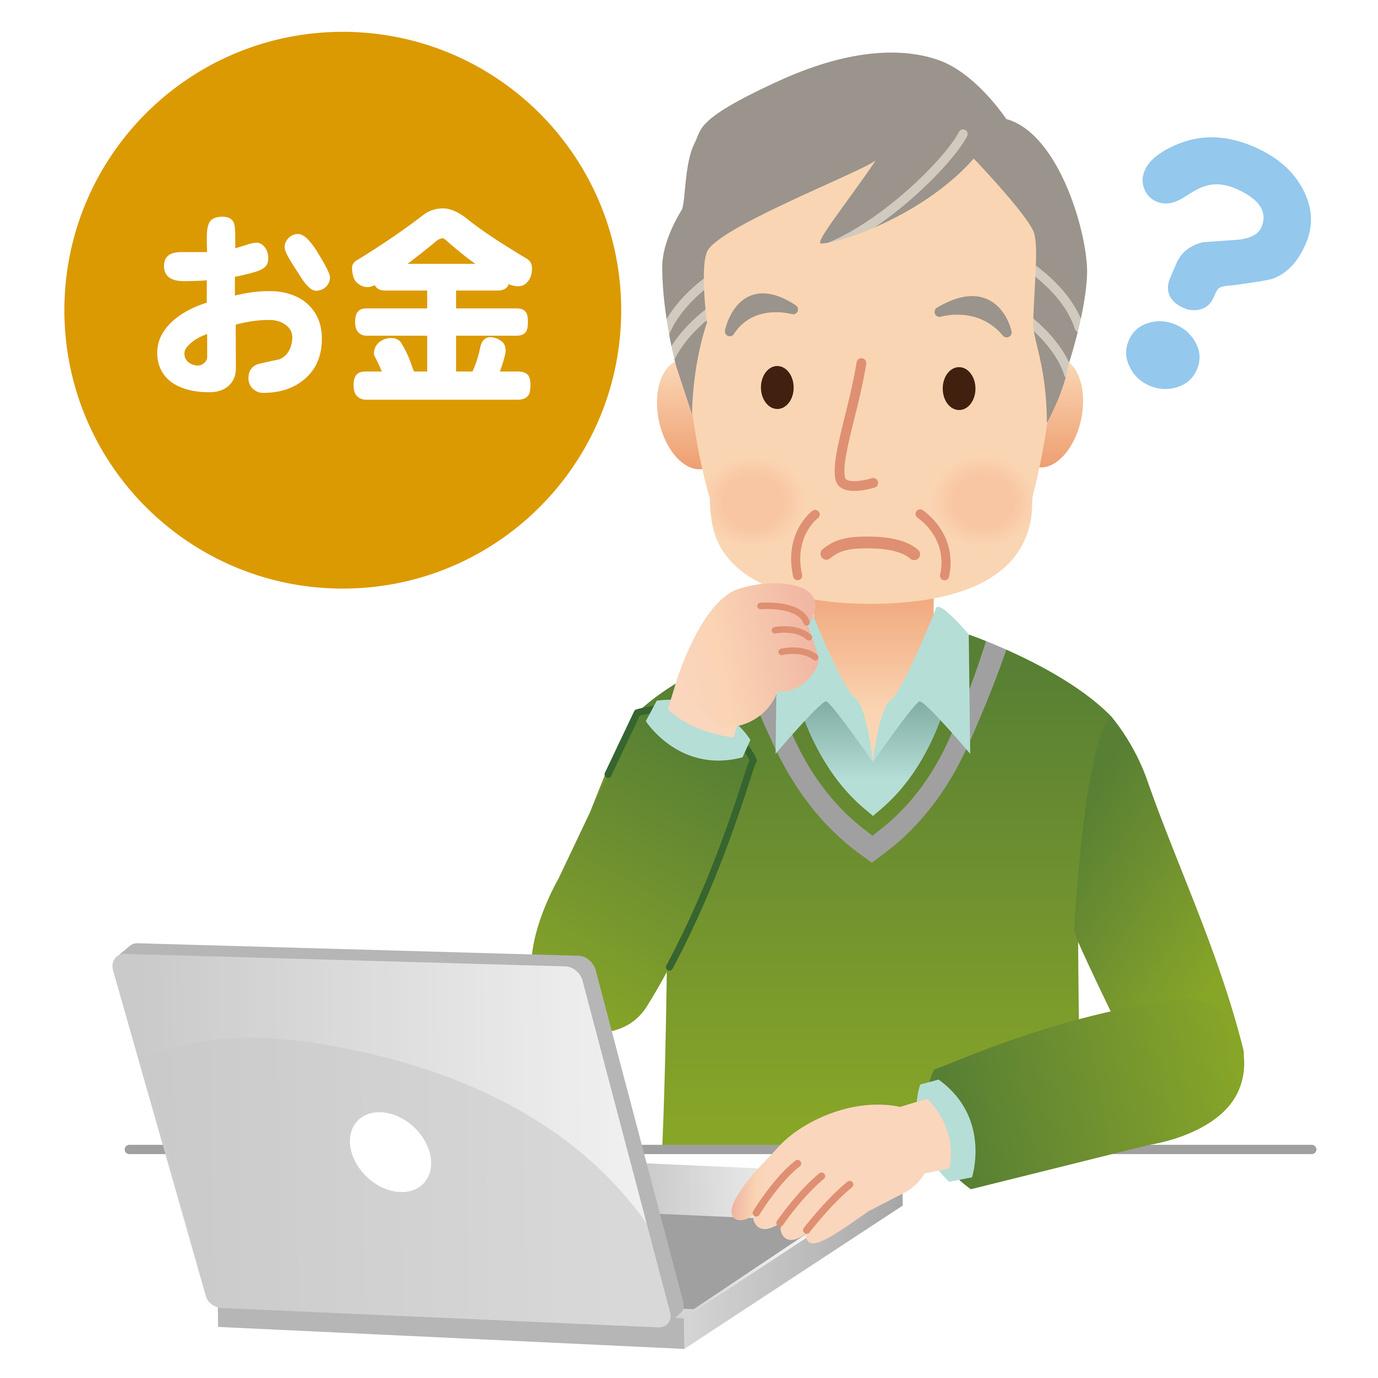 お金 金融 高齢者 パソコン